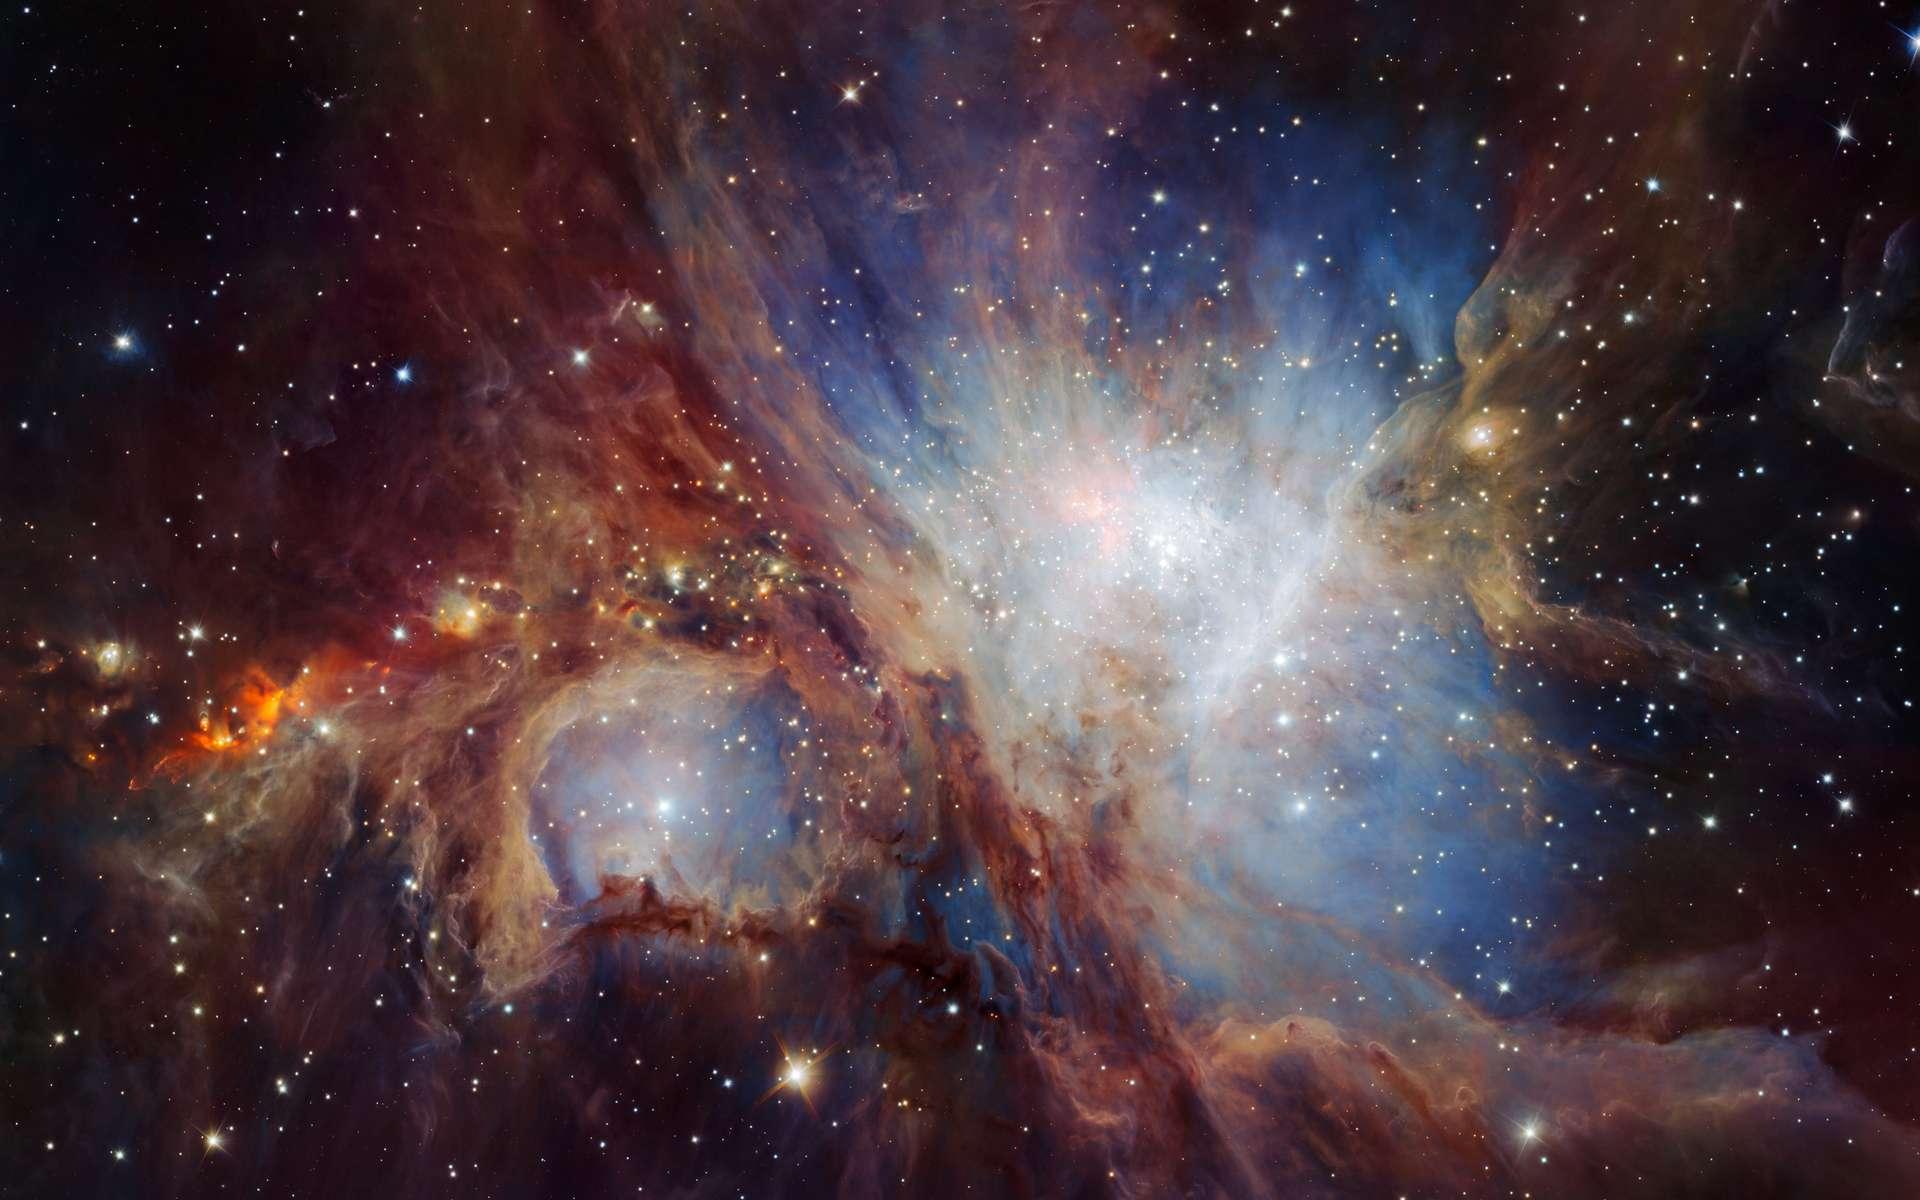 Cette superbe image de la région de formation stellaire de la nébuleuse d'Orion (M 42) résulte de la superposition de multiples clichés acquis par la caméra infrarouge Hawk-1 installée sur le VLT. Elle offre la vue la plus profonde à ce jour de cette région du ciel et révèle un nombre insoupçonné d'objets de masse planétaire faiblement lumineux. © Eso, H. Drass et al.